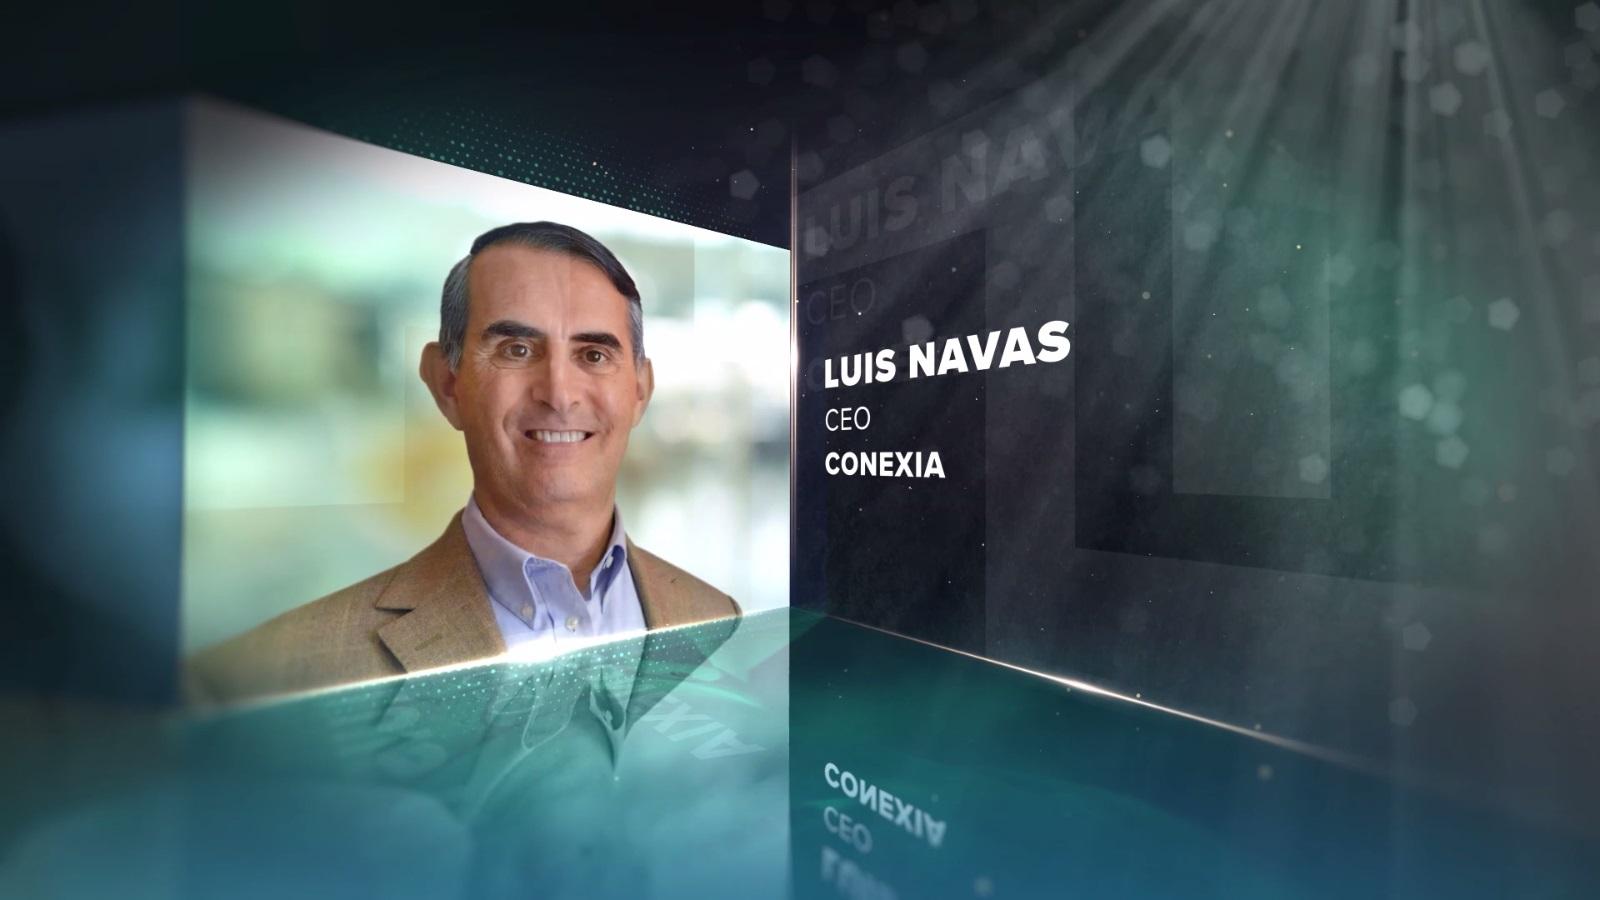 EVENTO 4.7 - Transformación Digital en las Organizaciones de Salud - LUIS NAVAS - CONEXIA